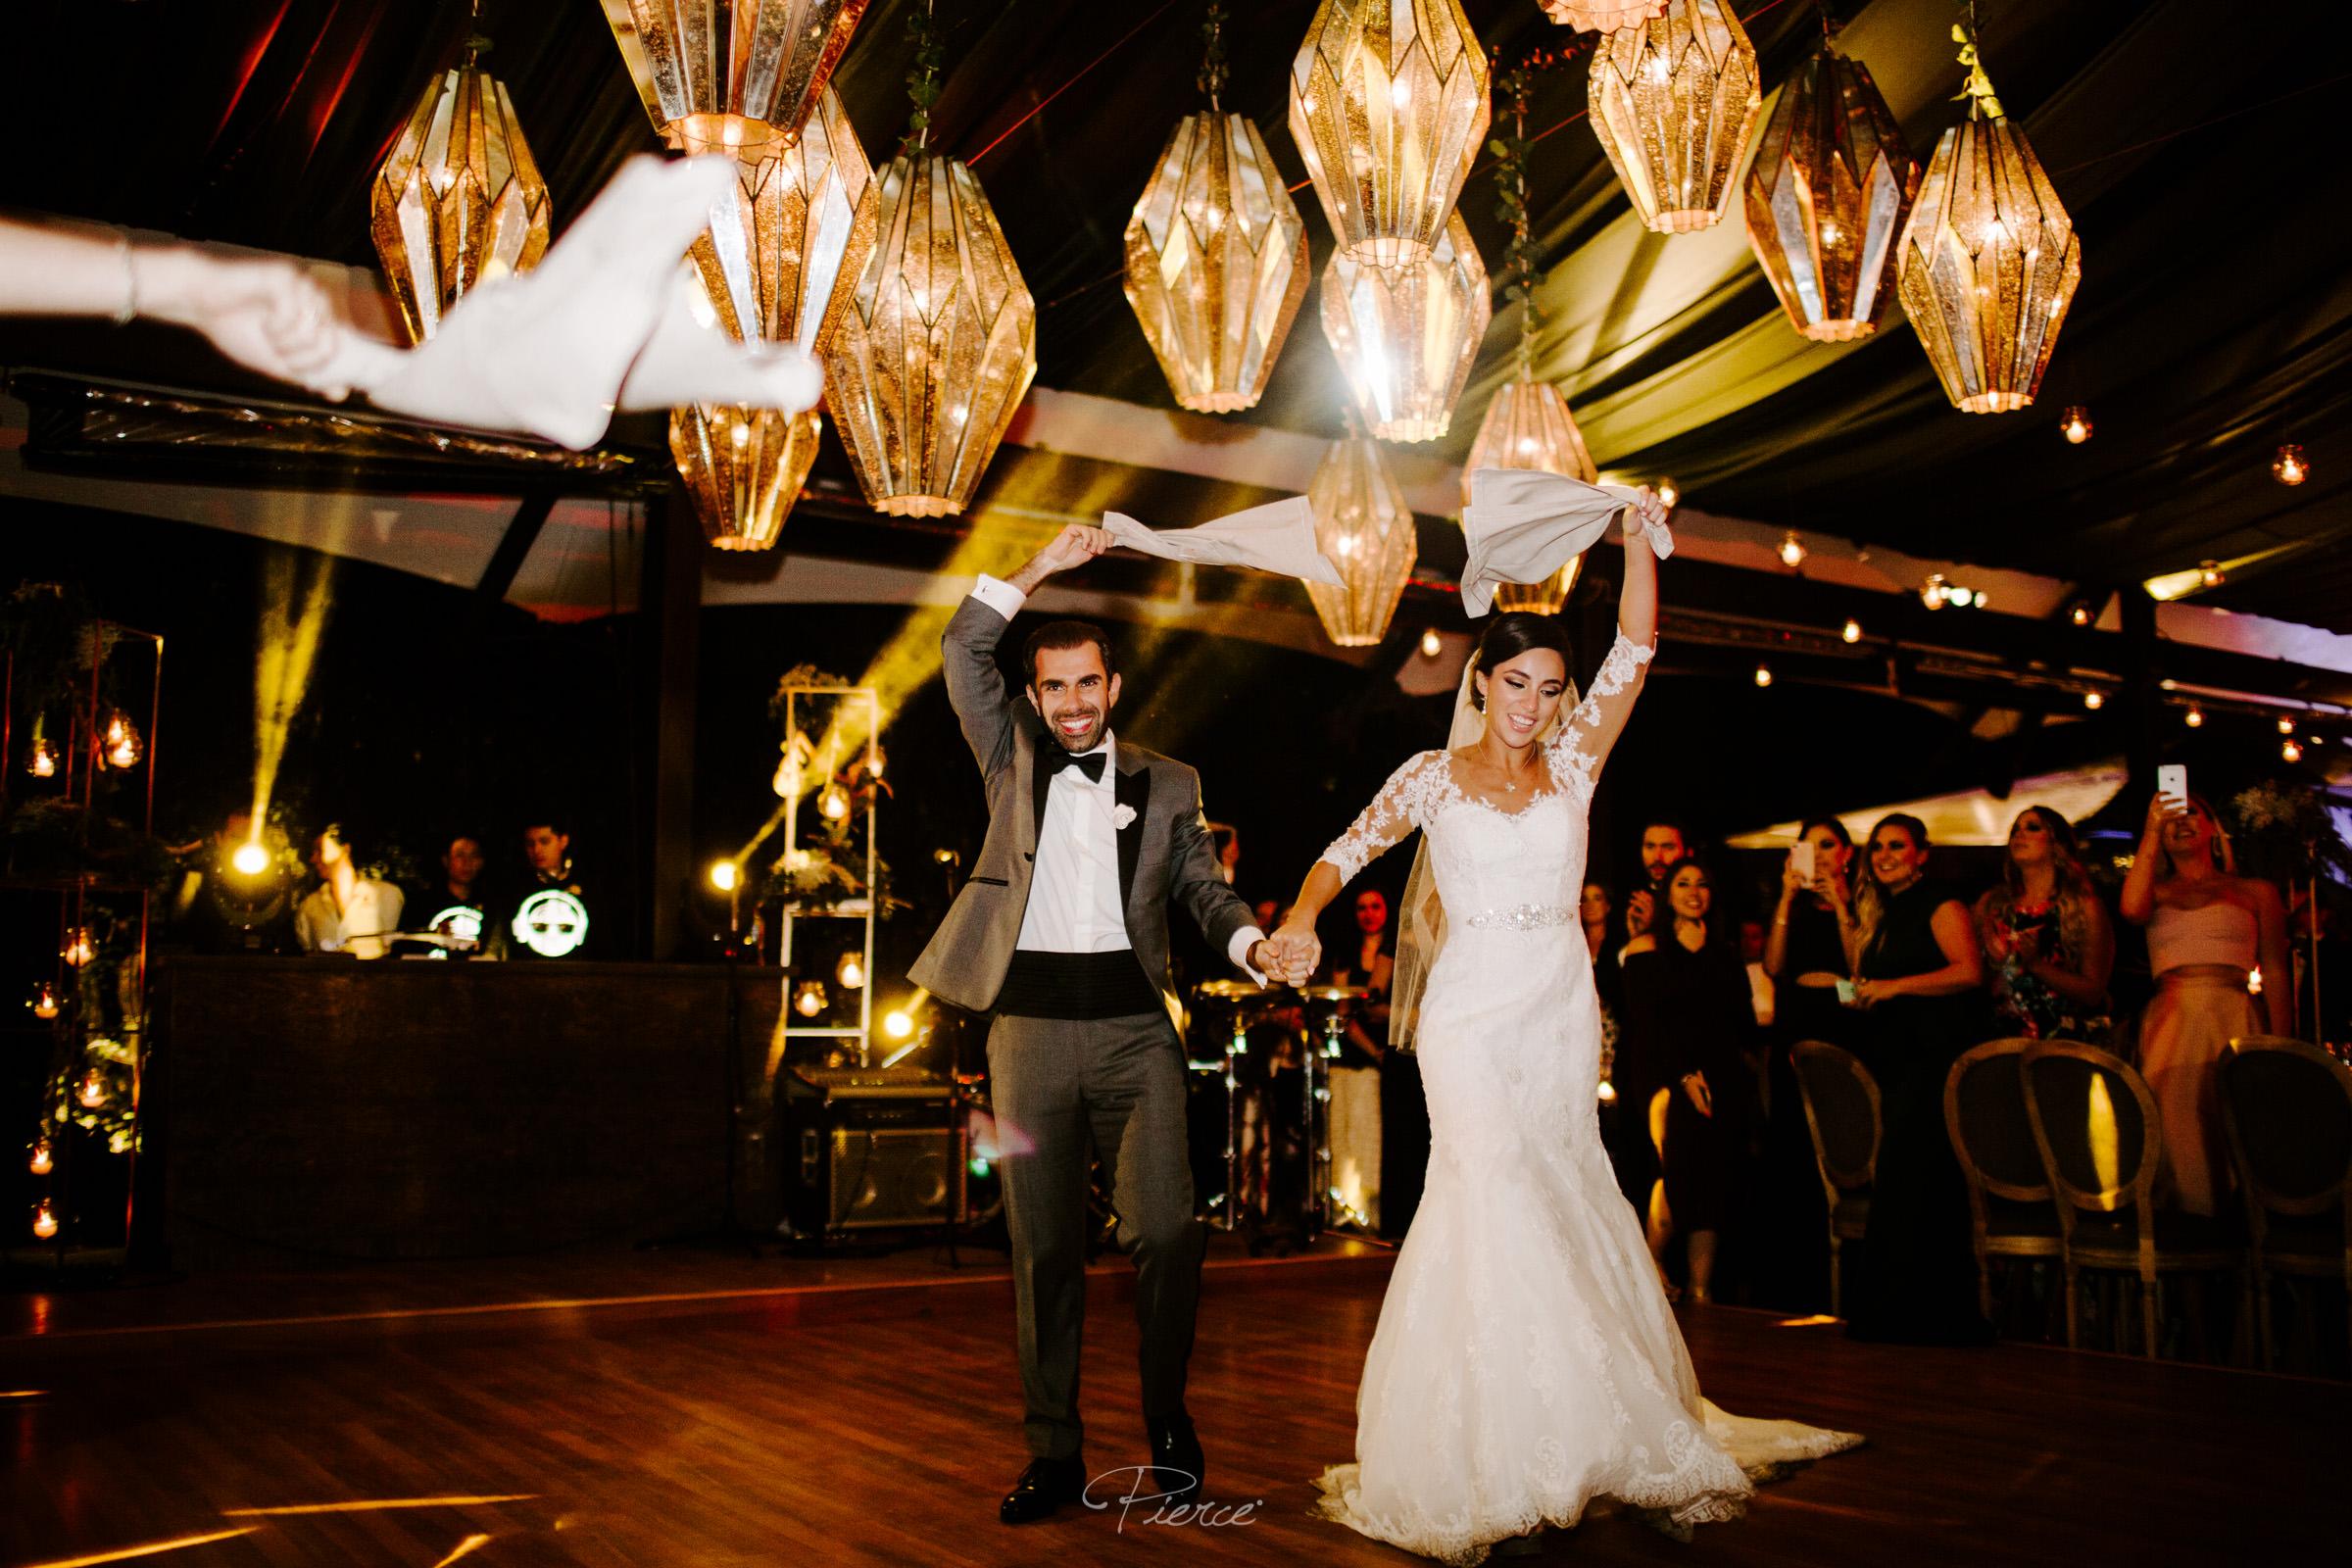 fotografia-de-boda-valle-de-bravo-mexico-rosmarino-pierce-weddings-0159.JPG